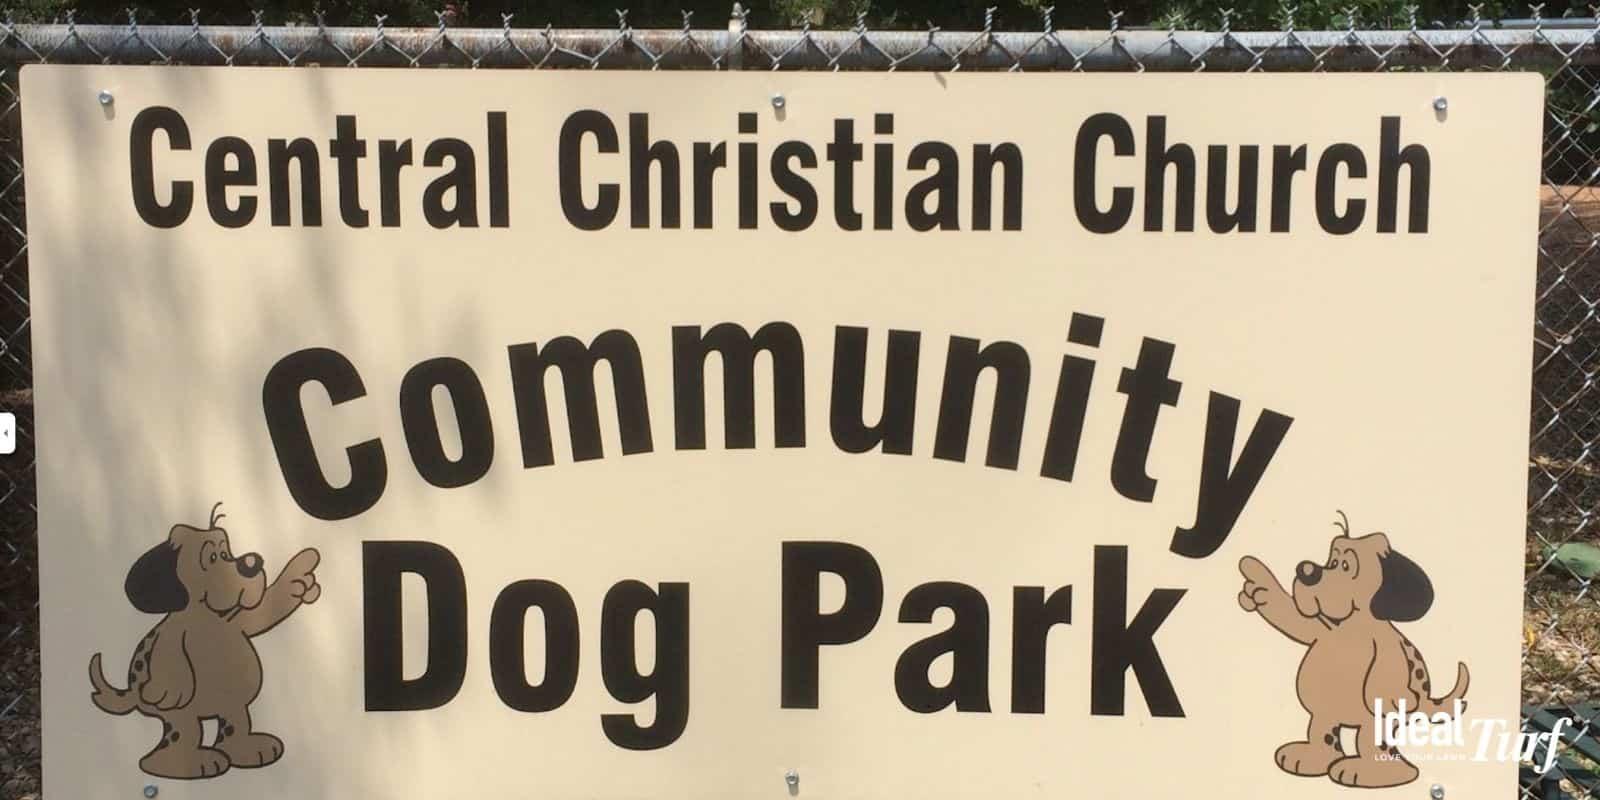 5. Central Dog Park